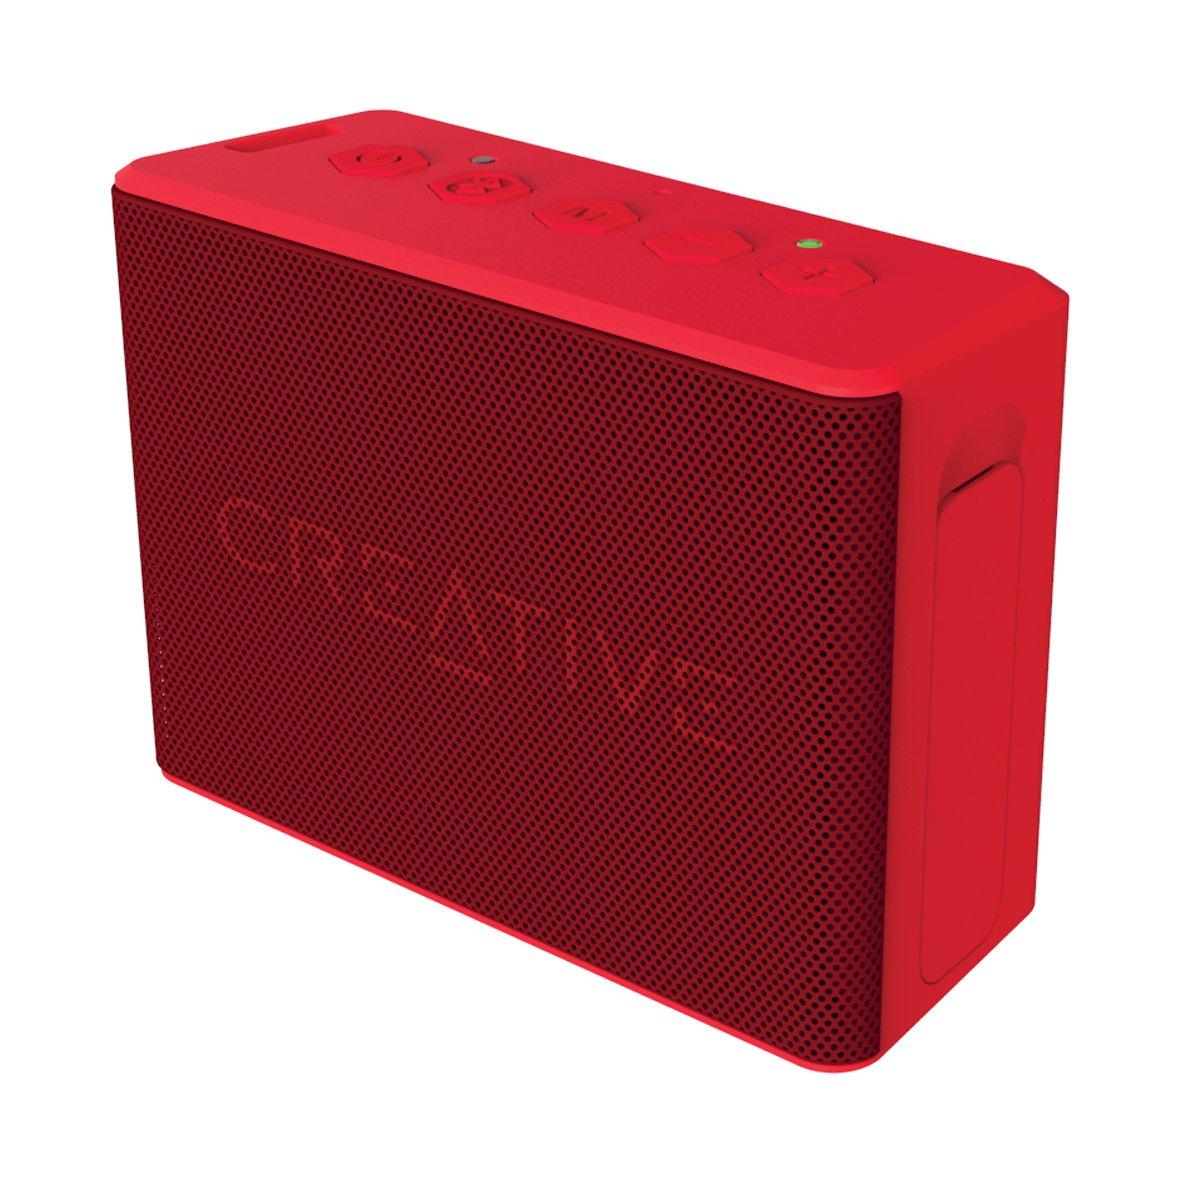 Creative Labs Muvo 2C - Altavoz con Bluetooth, Rojo